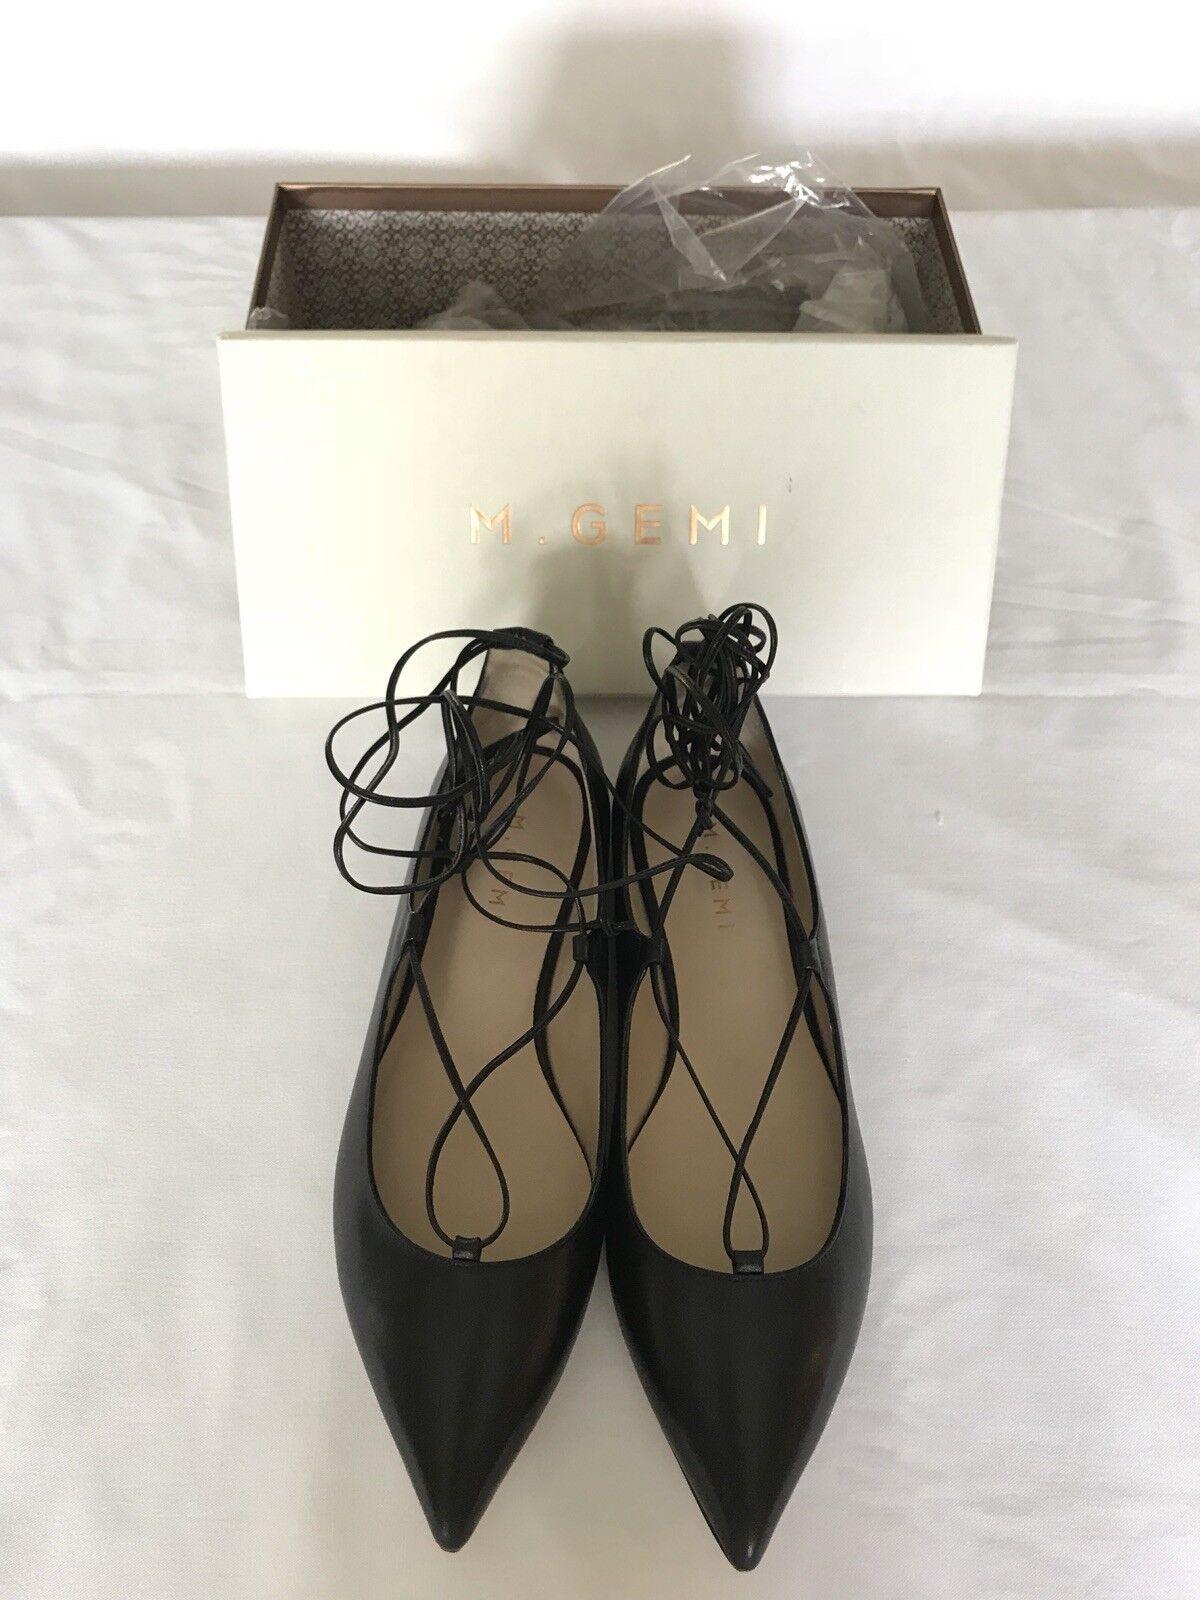 il miglior servizio post-vendita M Gemi Brezza nero Leather Lace Up Flats Aquazzura Christy Christy Christy Dupes  offerta speciale